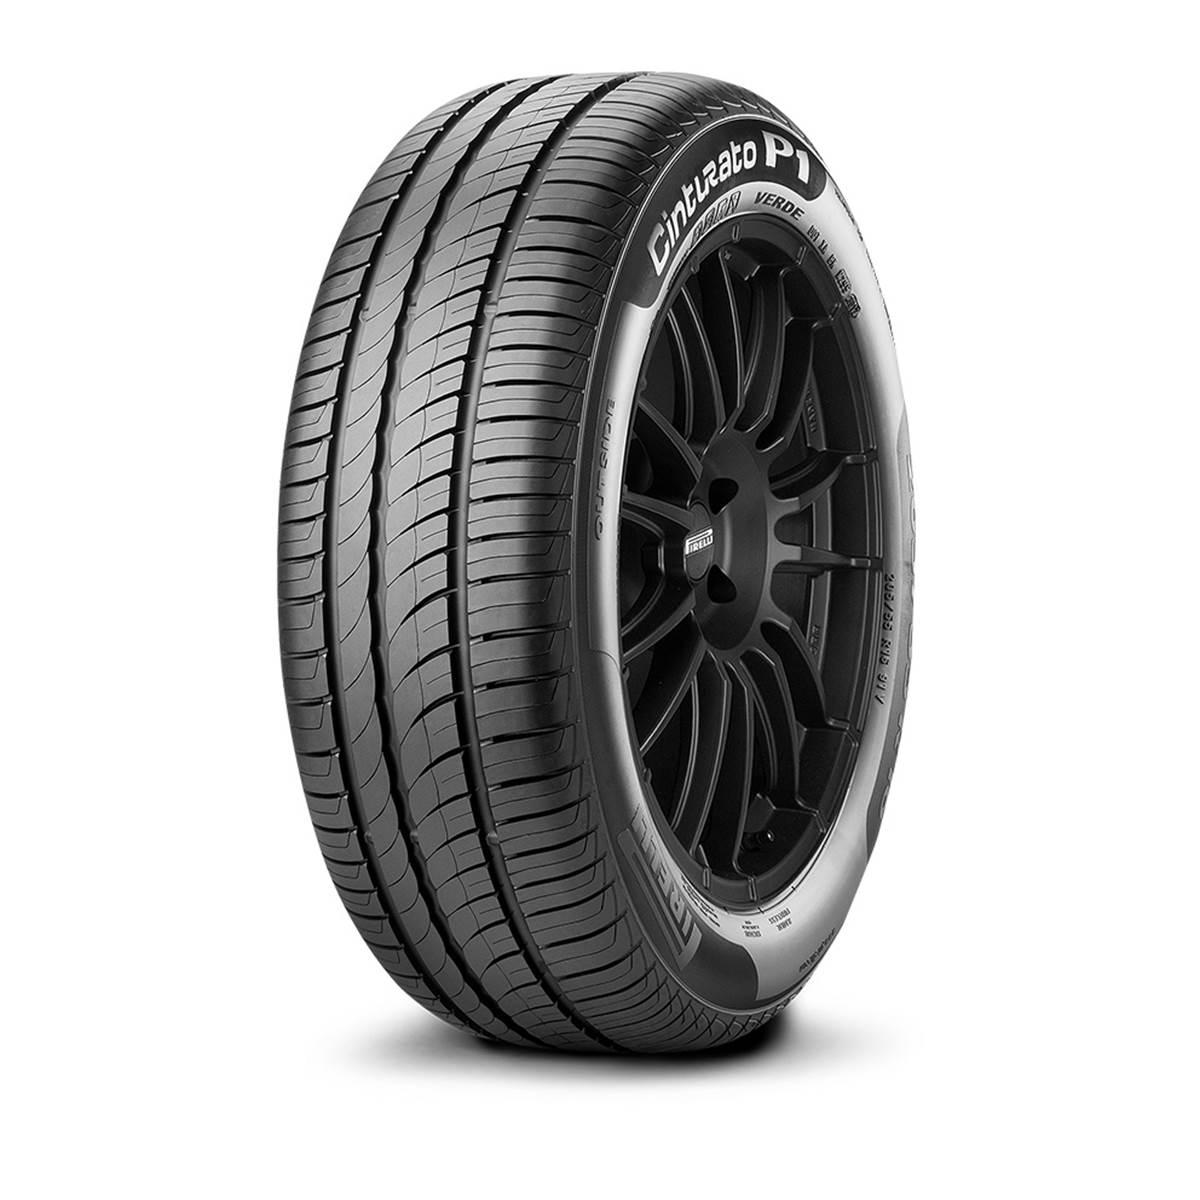 Pneu Pirelli 185/60R15 84H Cinturato P1